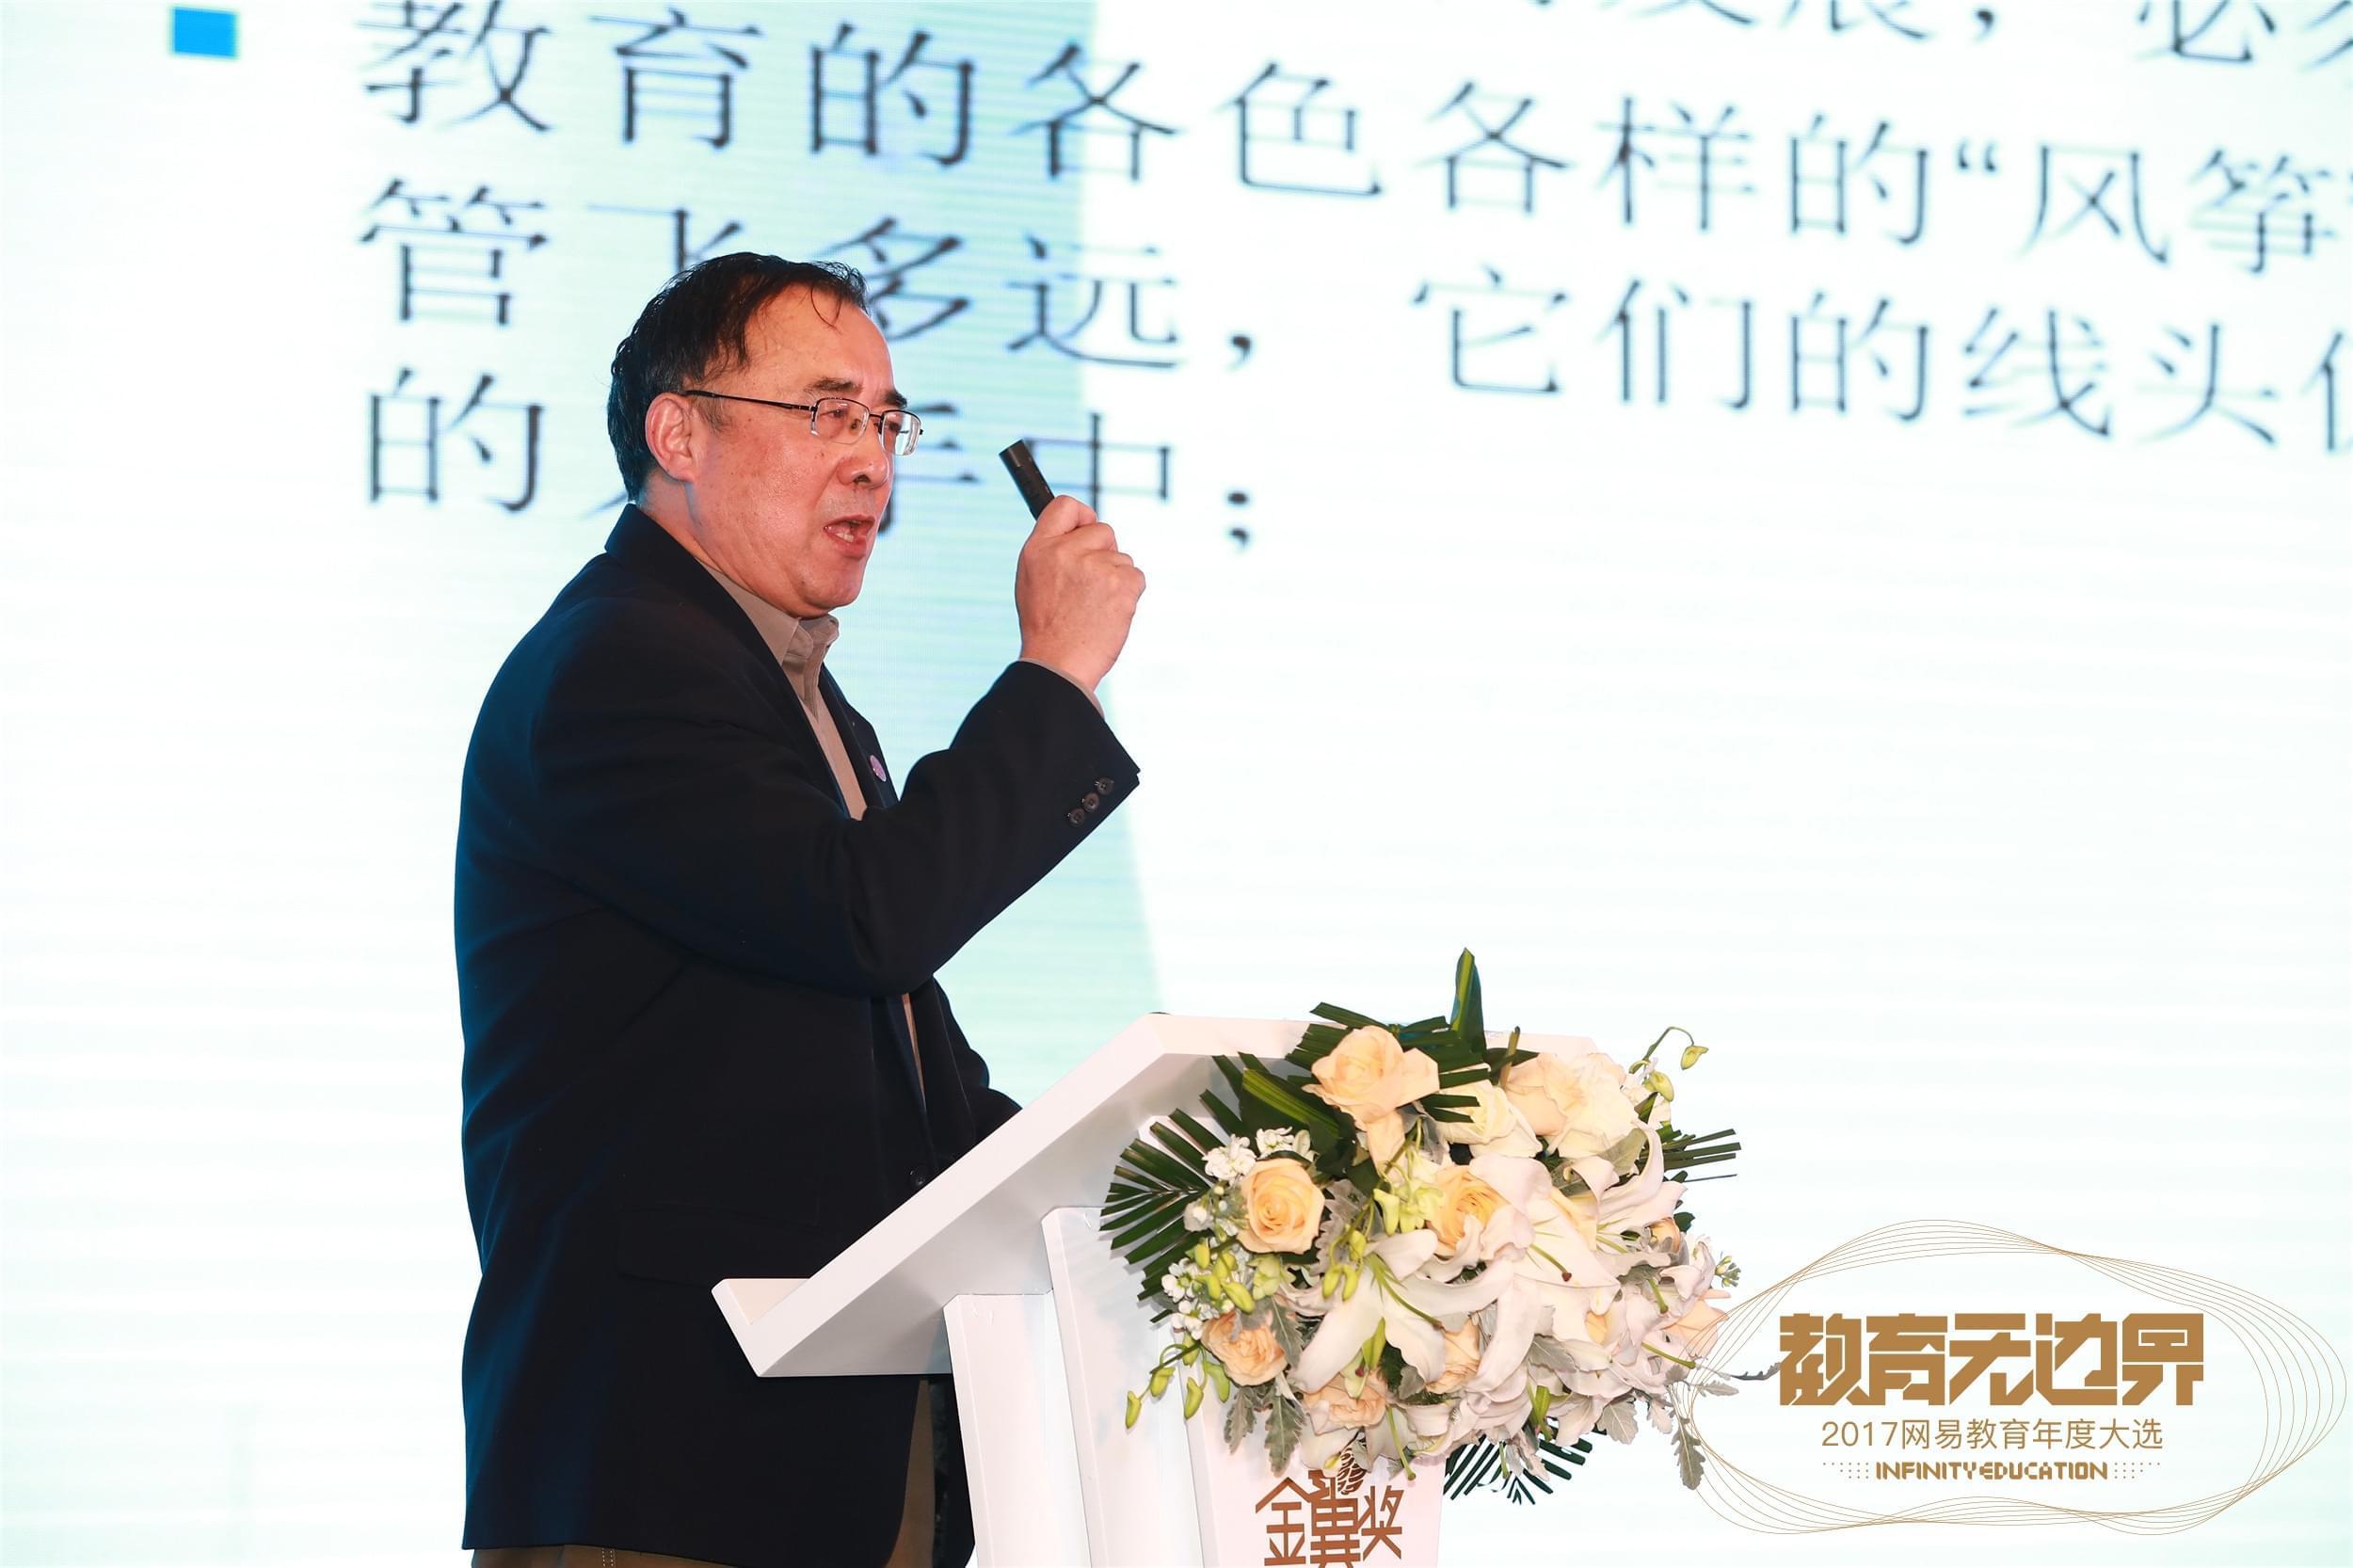 清华大学教授、博士生导师,著名教育社会学家谢维和先生